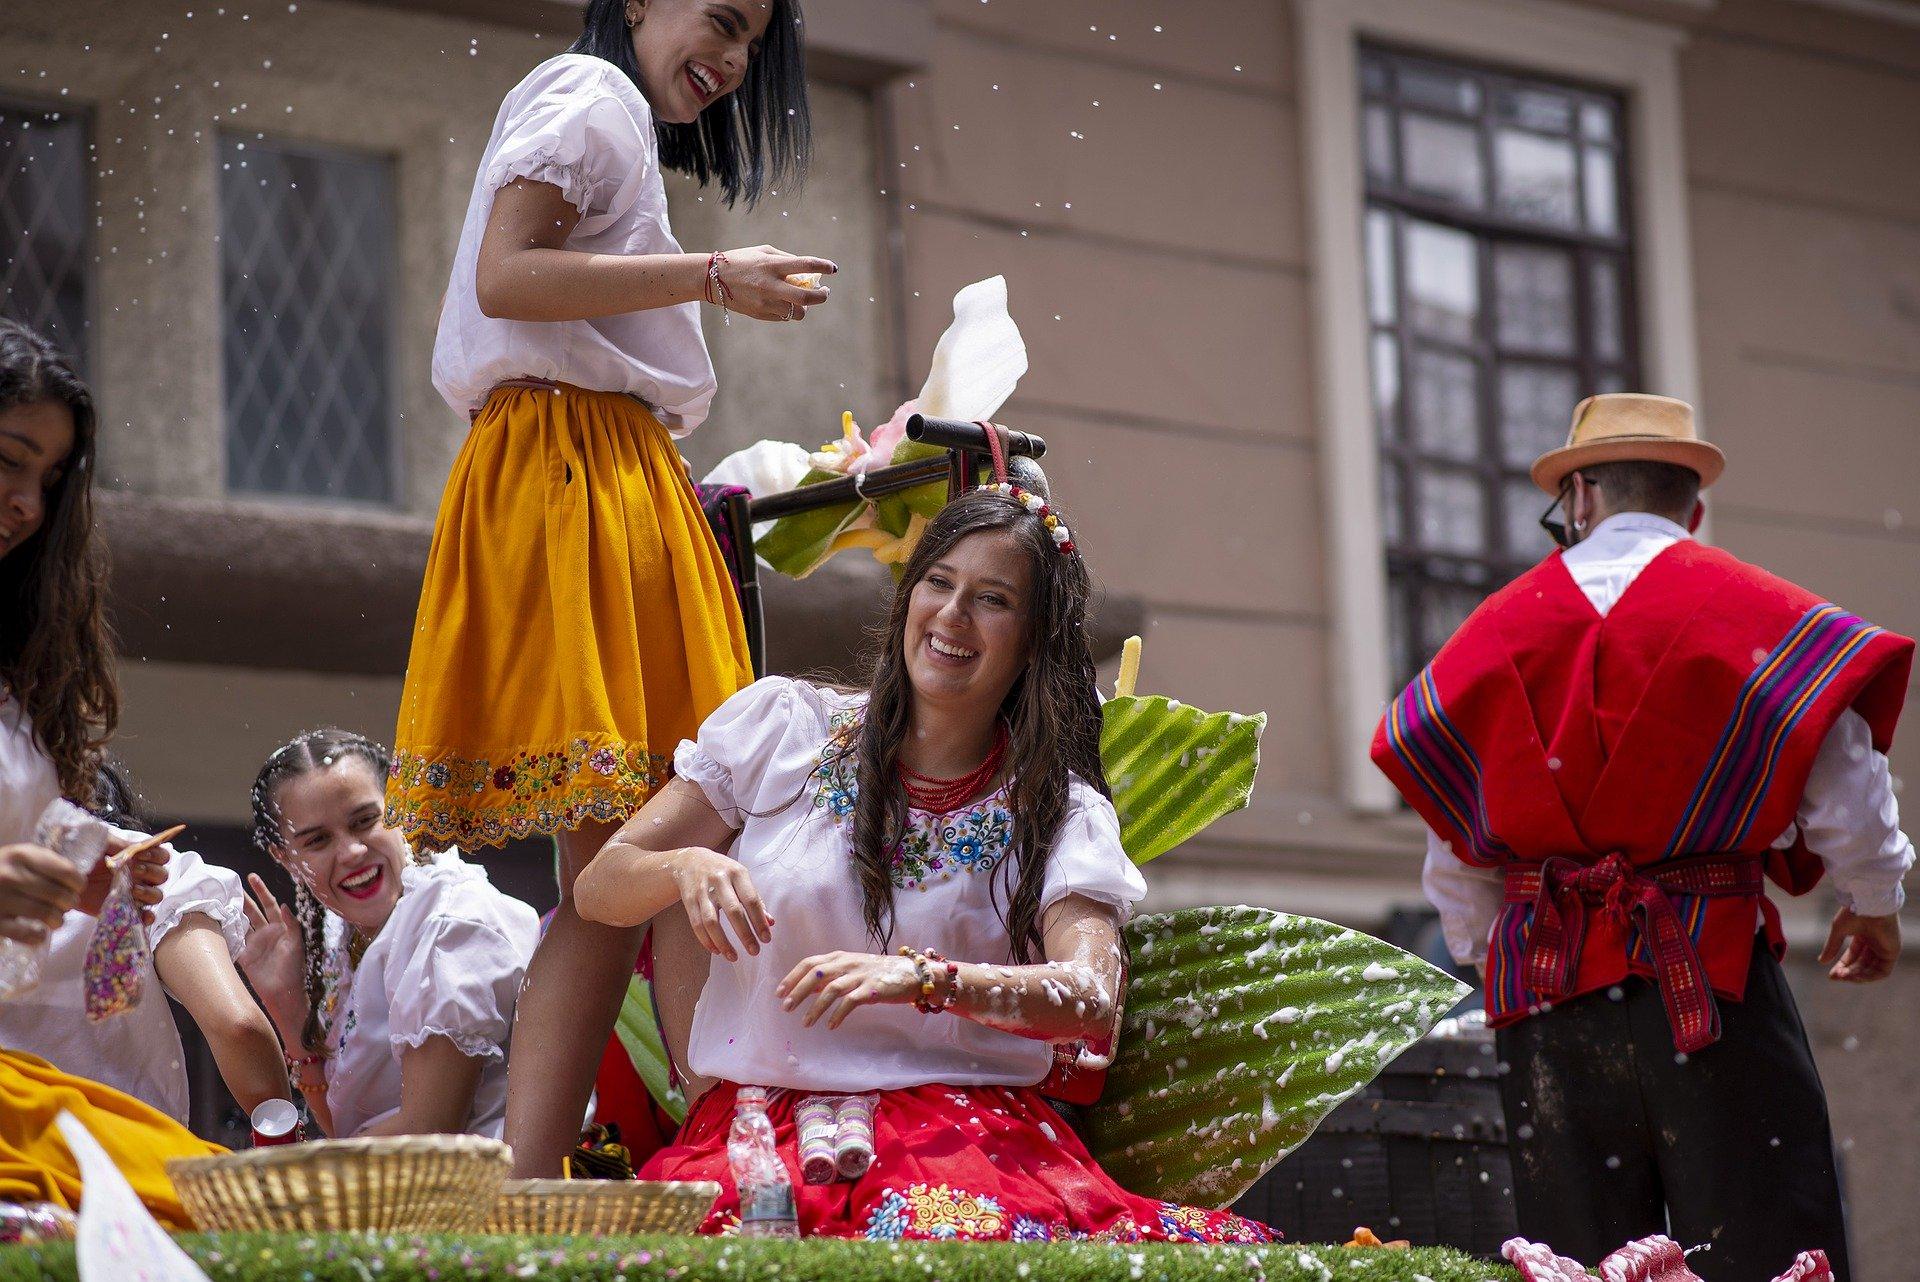 parade 4879243 1920